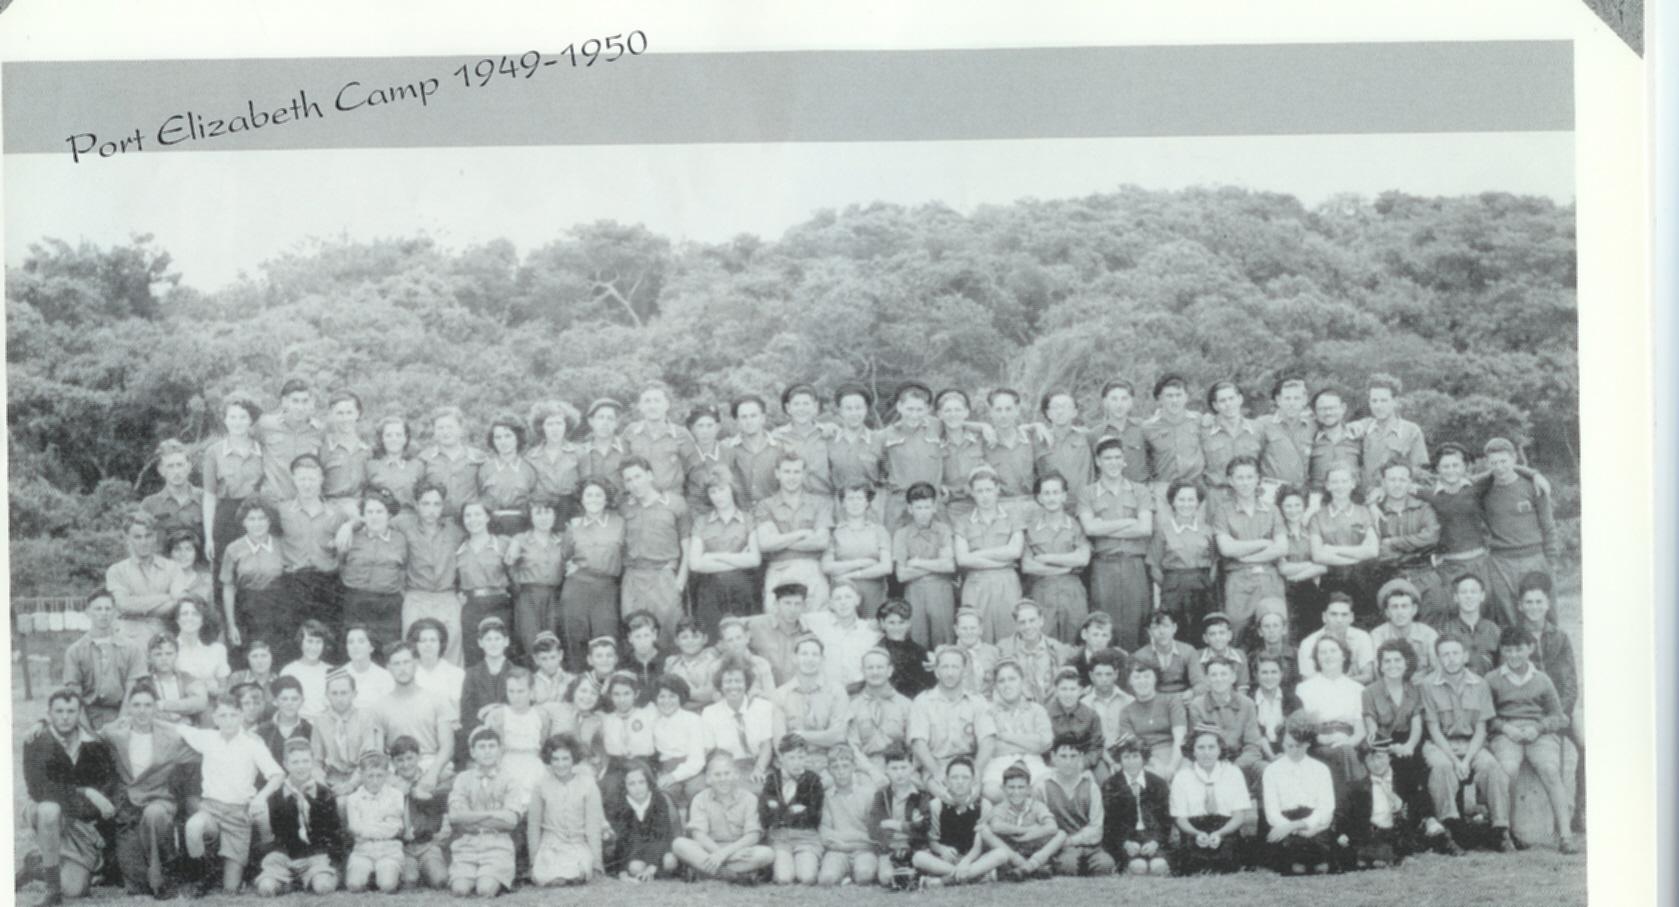 Port Elizabeth Camp 1949-'50